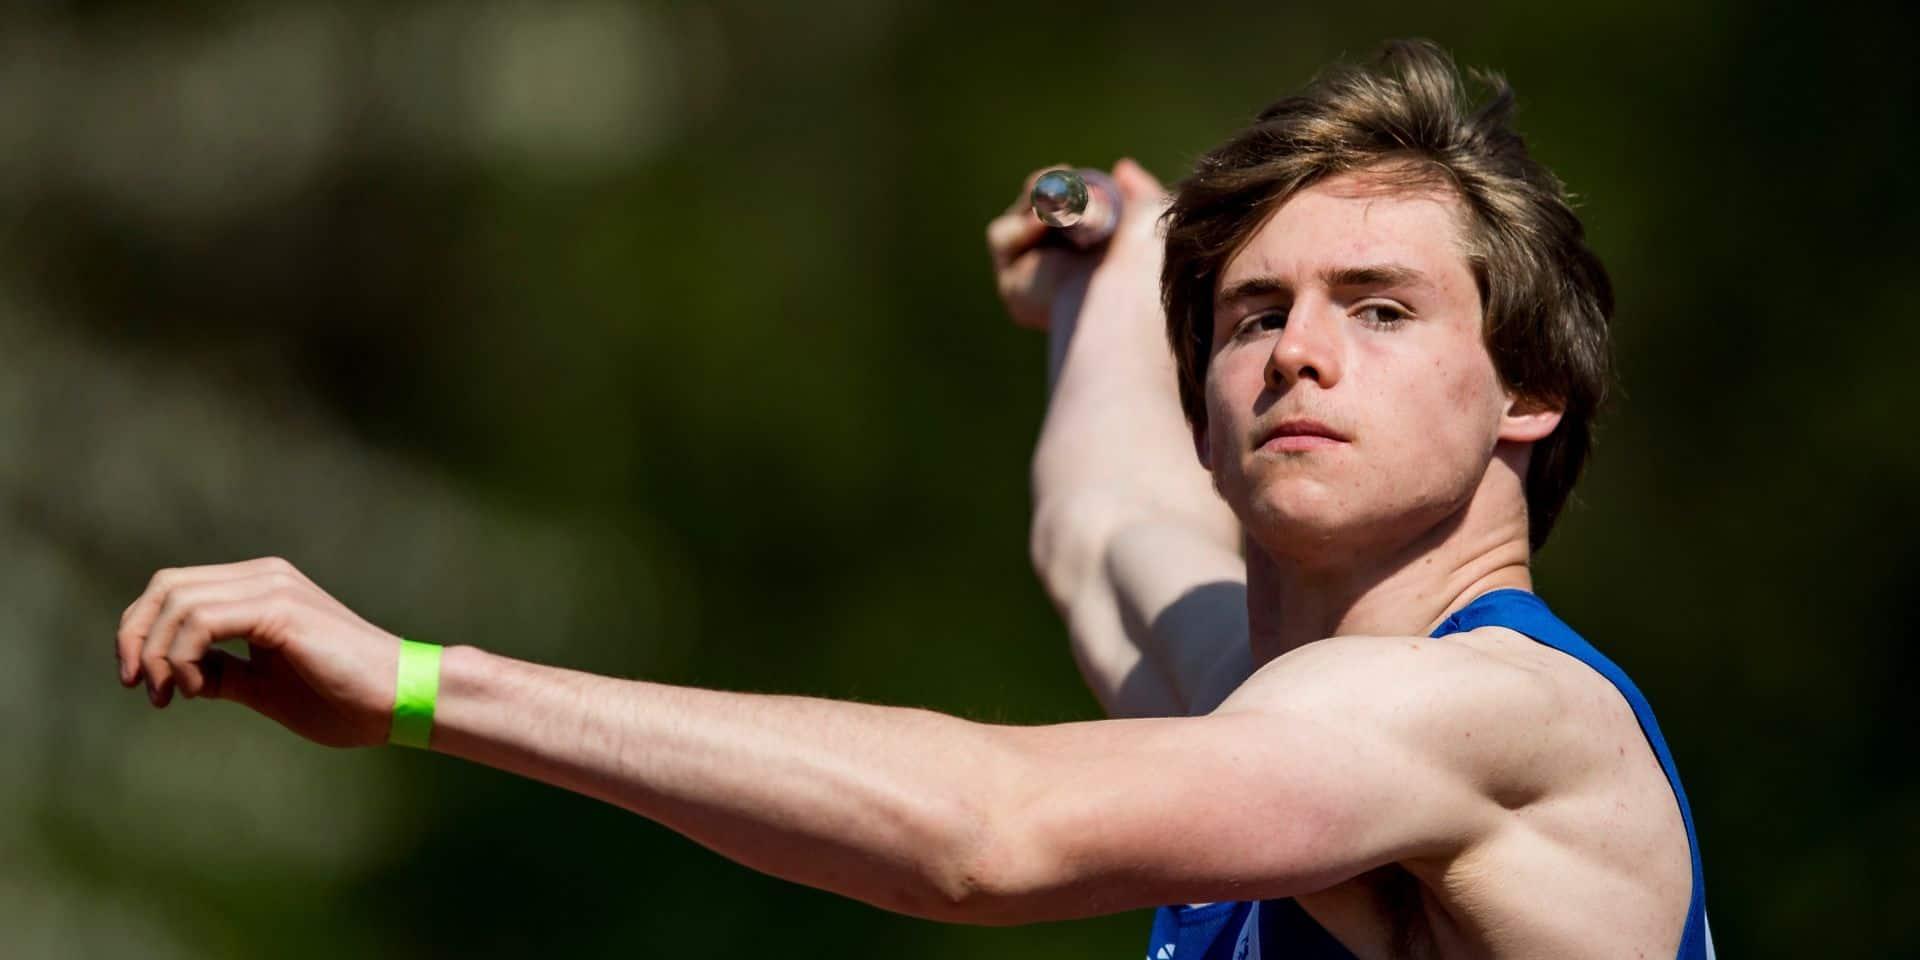 Décathlon d'Arona : Jente Hauttekeete pulvérise le record de Belgique juniors de Thomas Van der Plaetsen !